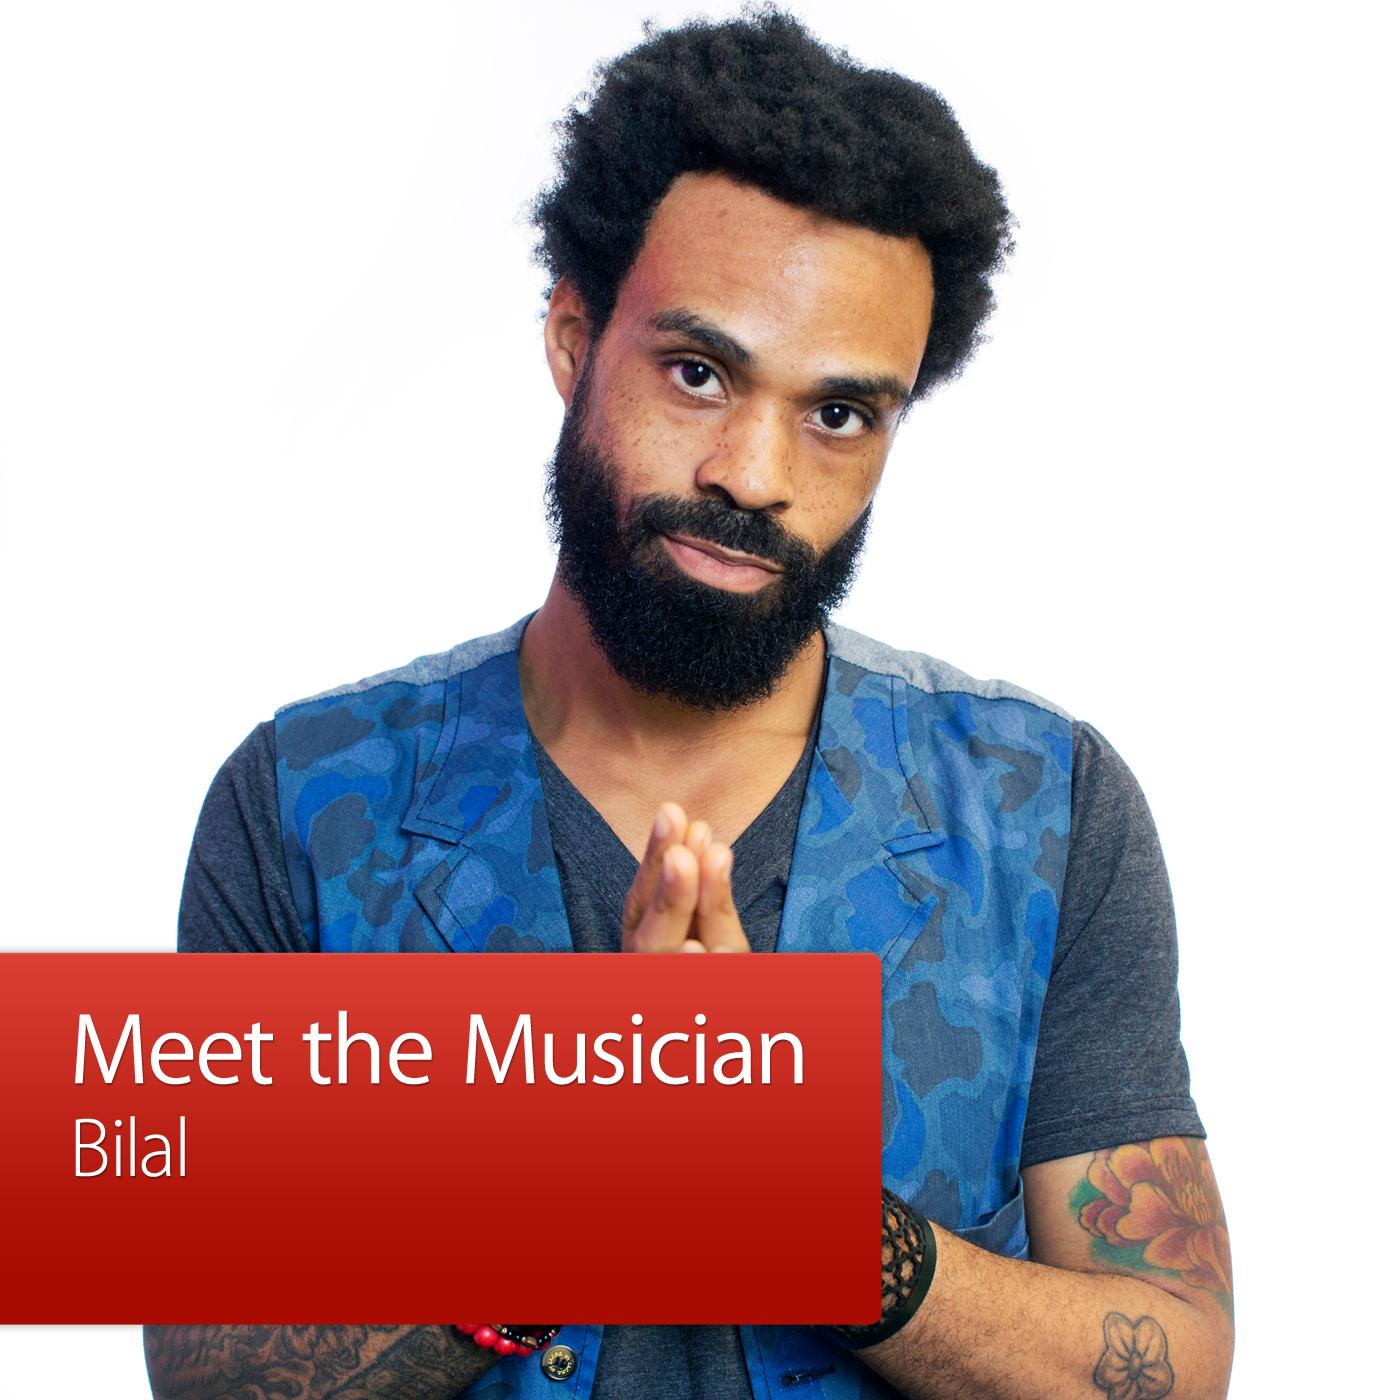 Bilal: Meet the Musician